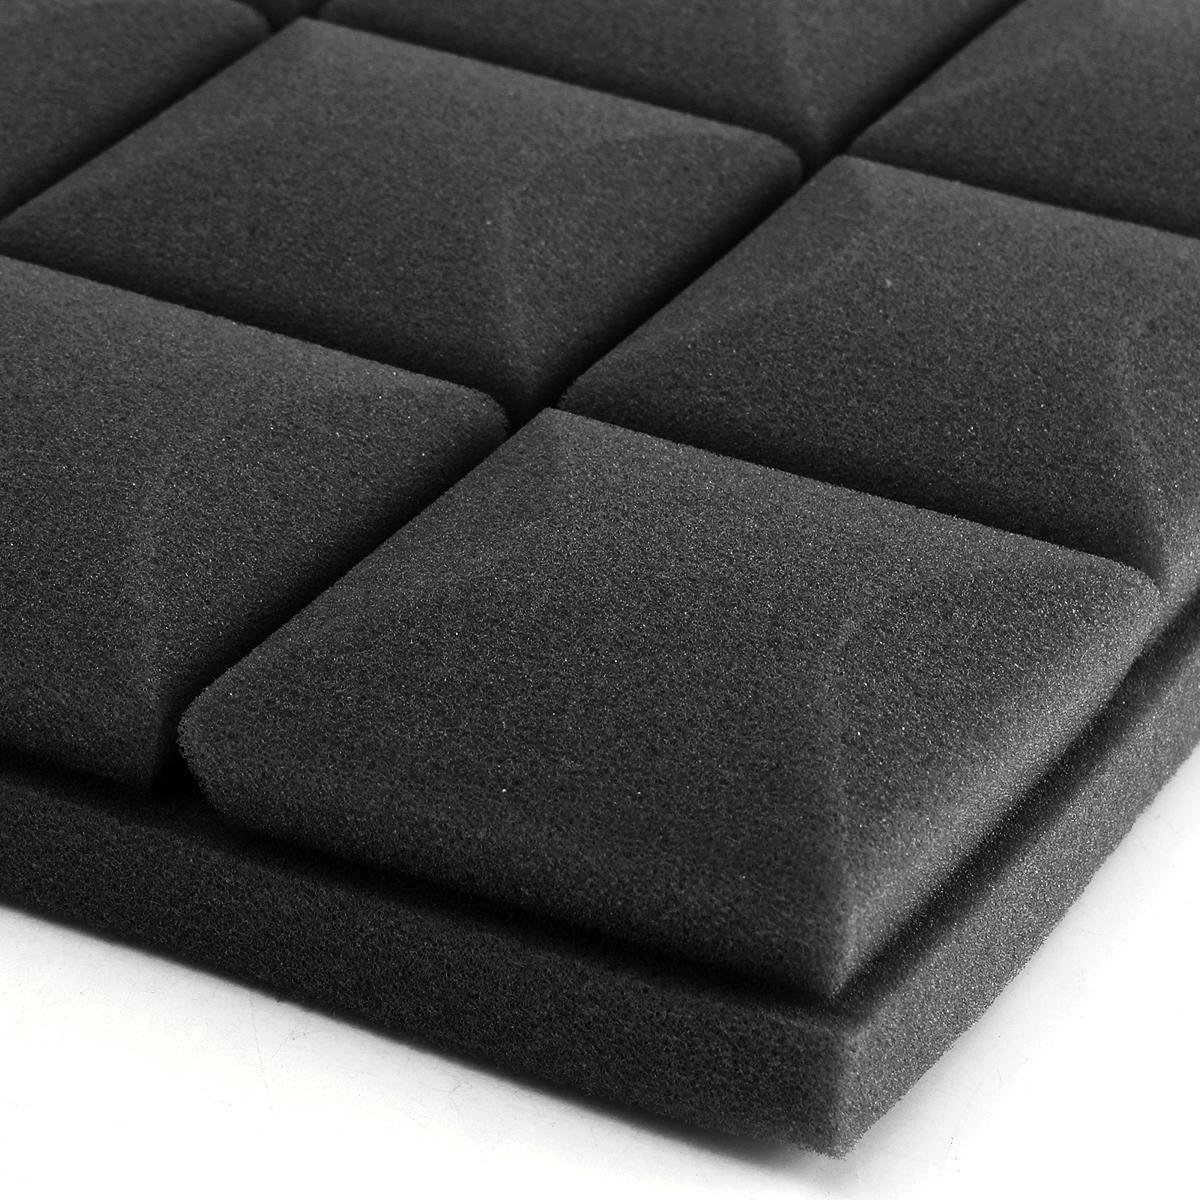 Acoustic soundproof foam sound stop absorption sponge for Soundproof foam